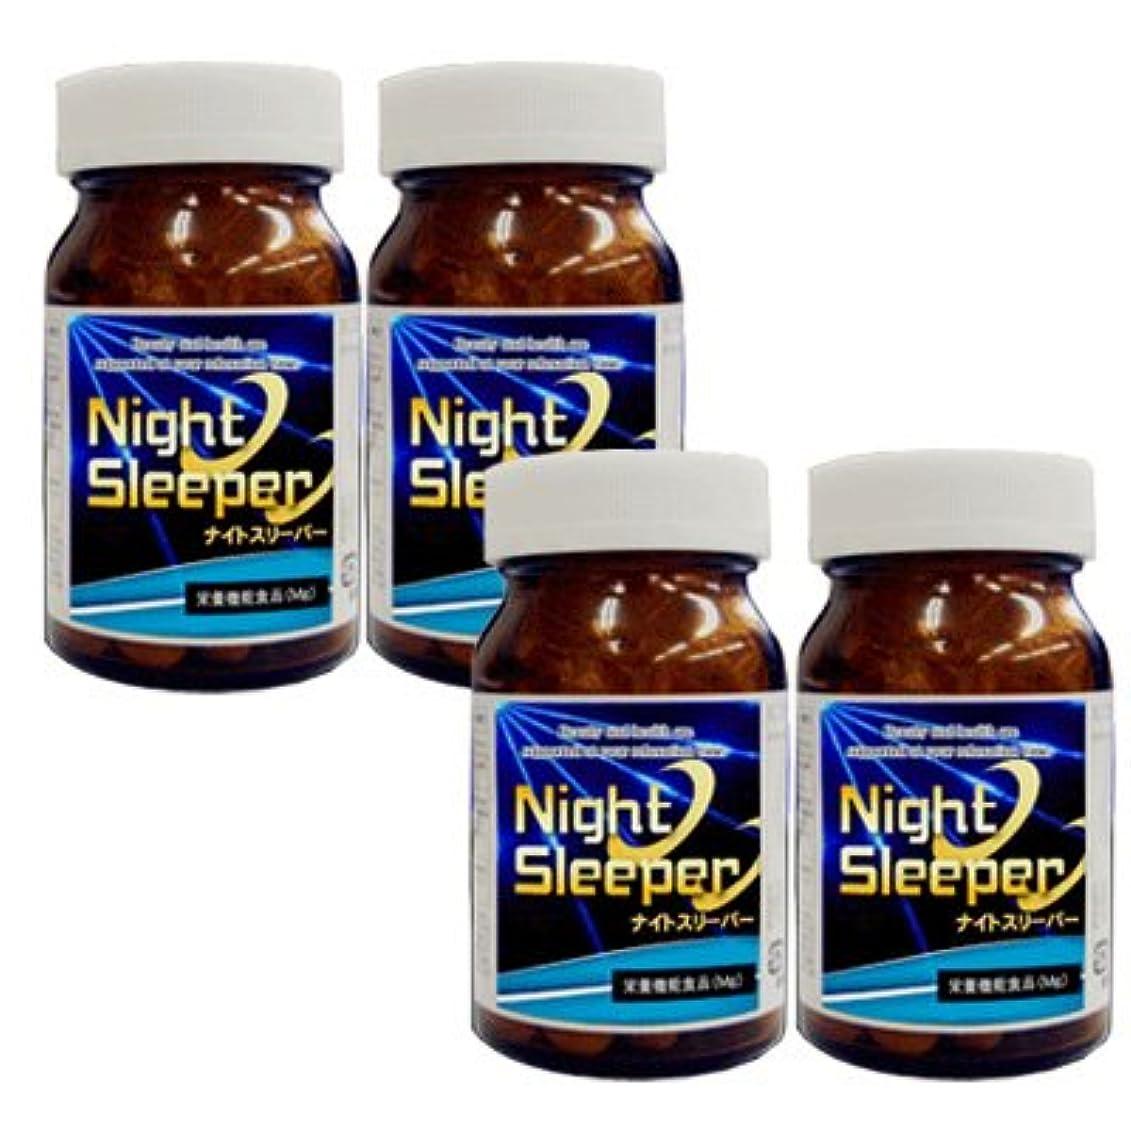 談話カポック倒産ナイトスリーパー 4個セット! nightsleeper ×4個